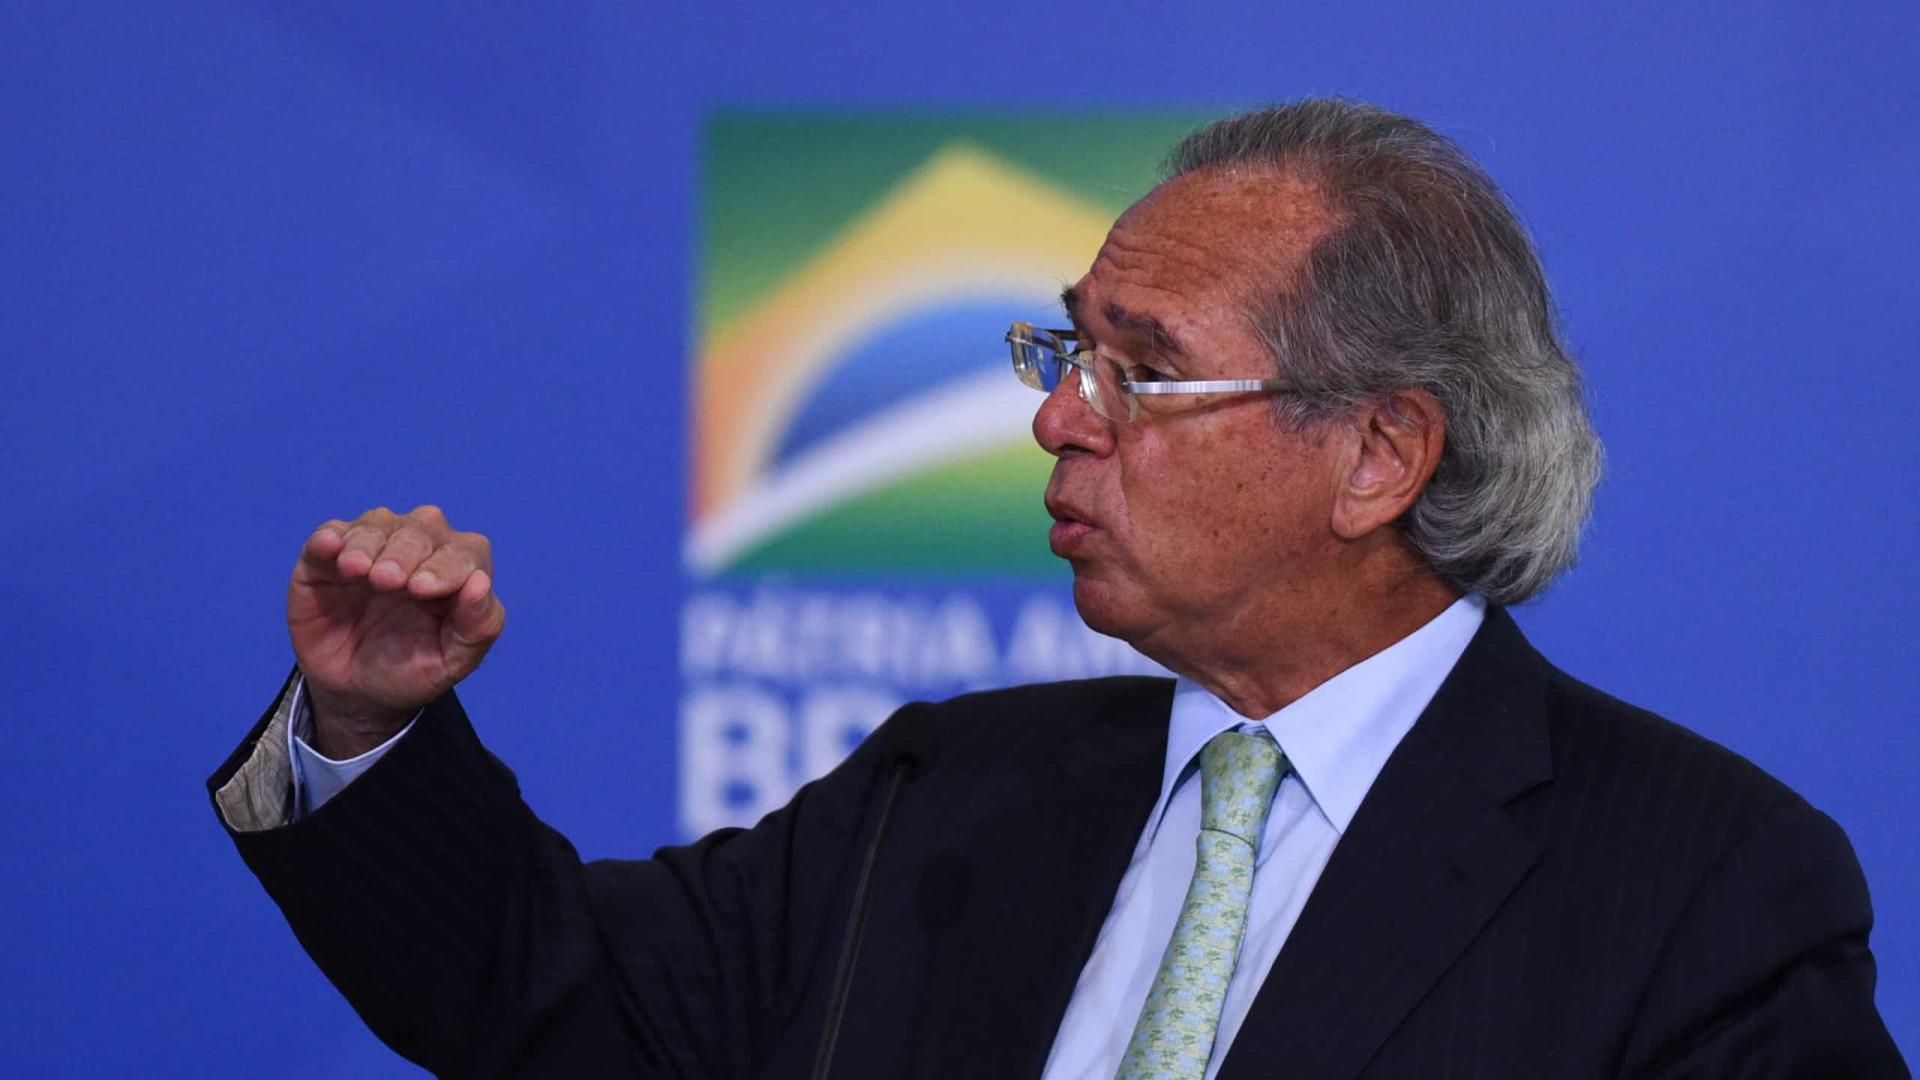 Caso o pior aconteça, País tem protocolo de crise aperfeiçoado agora, diz Guedes